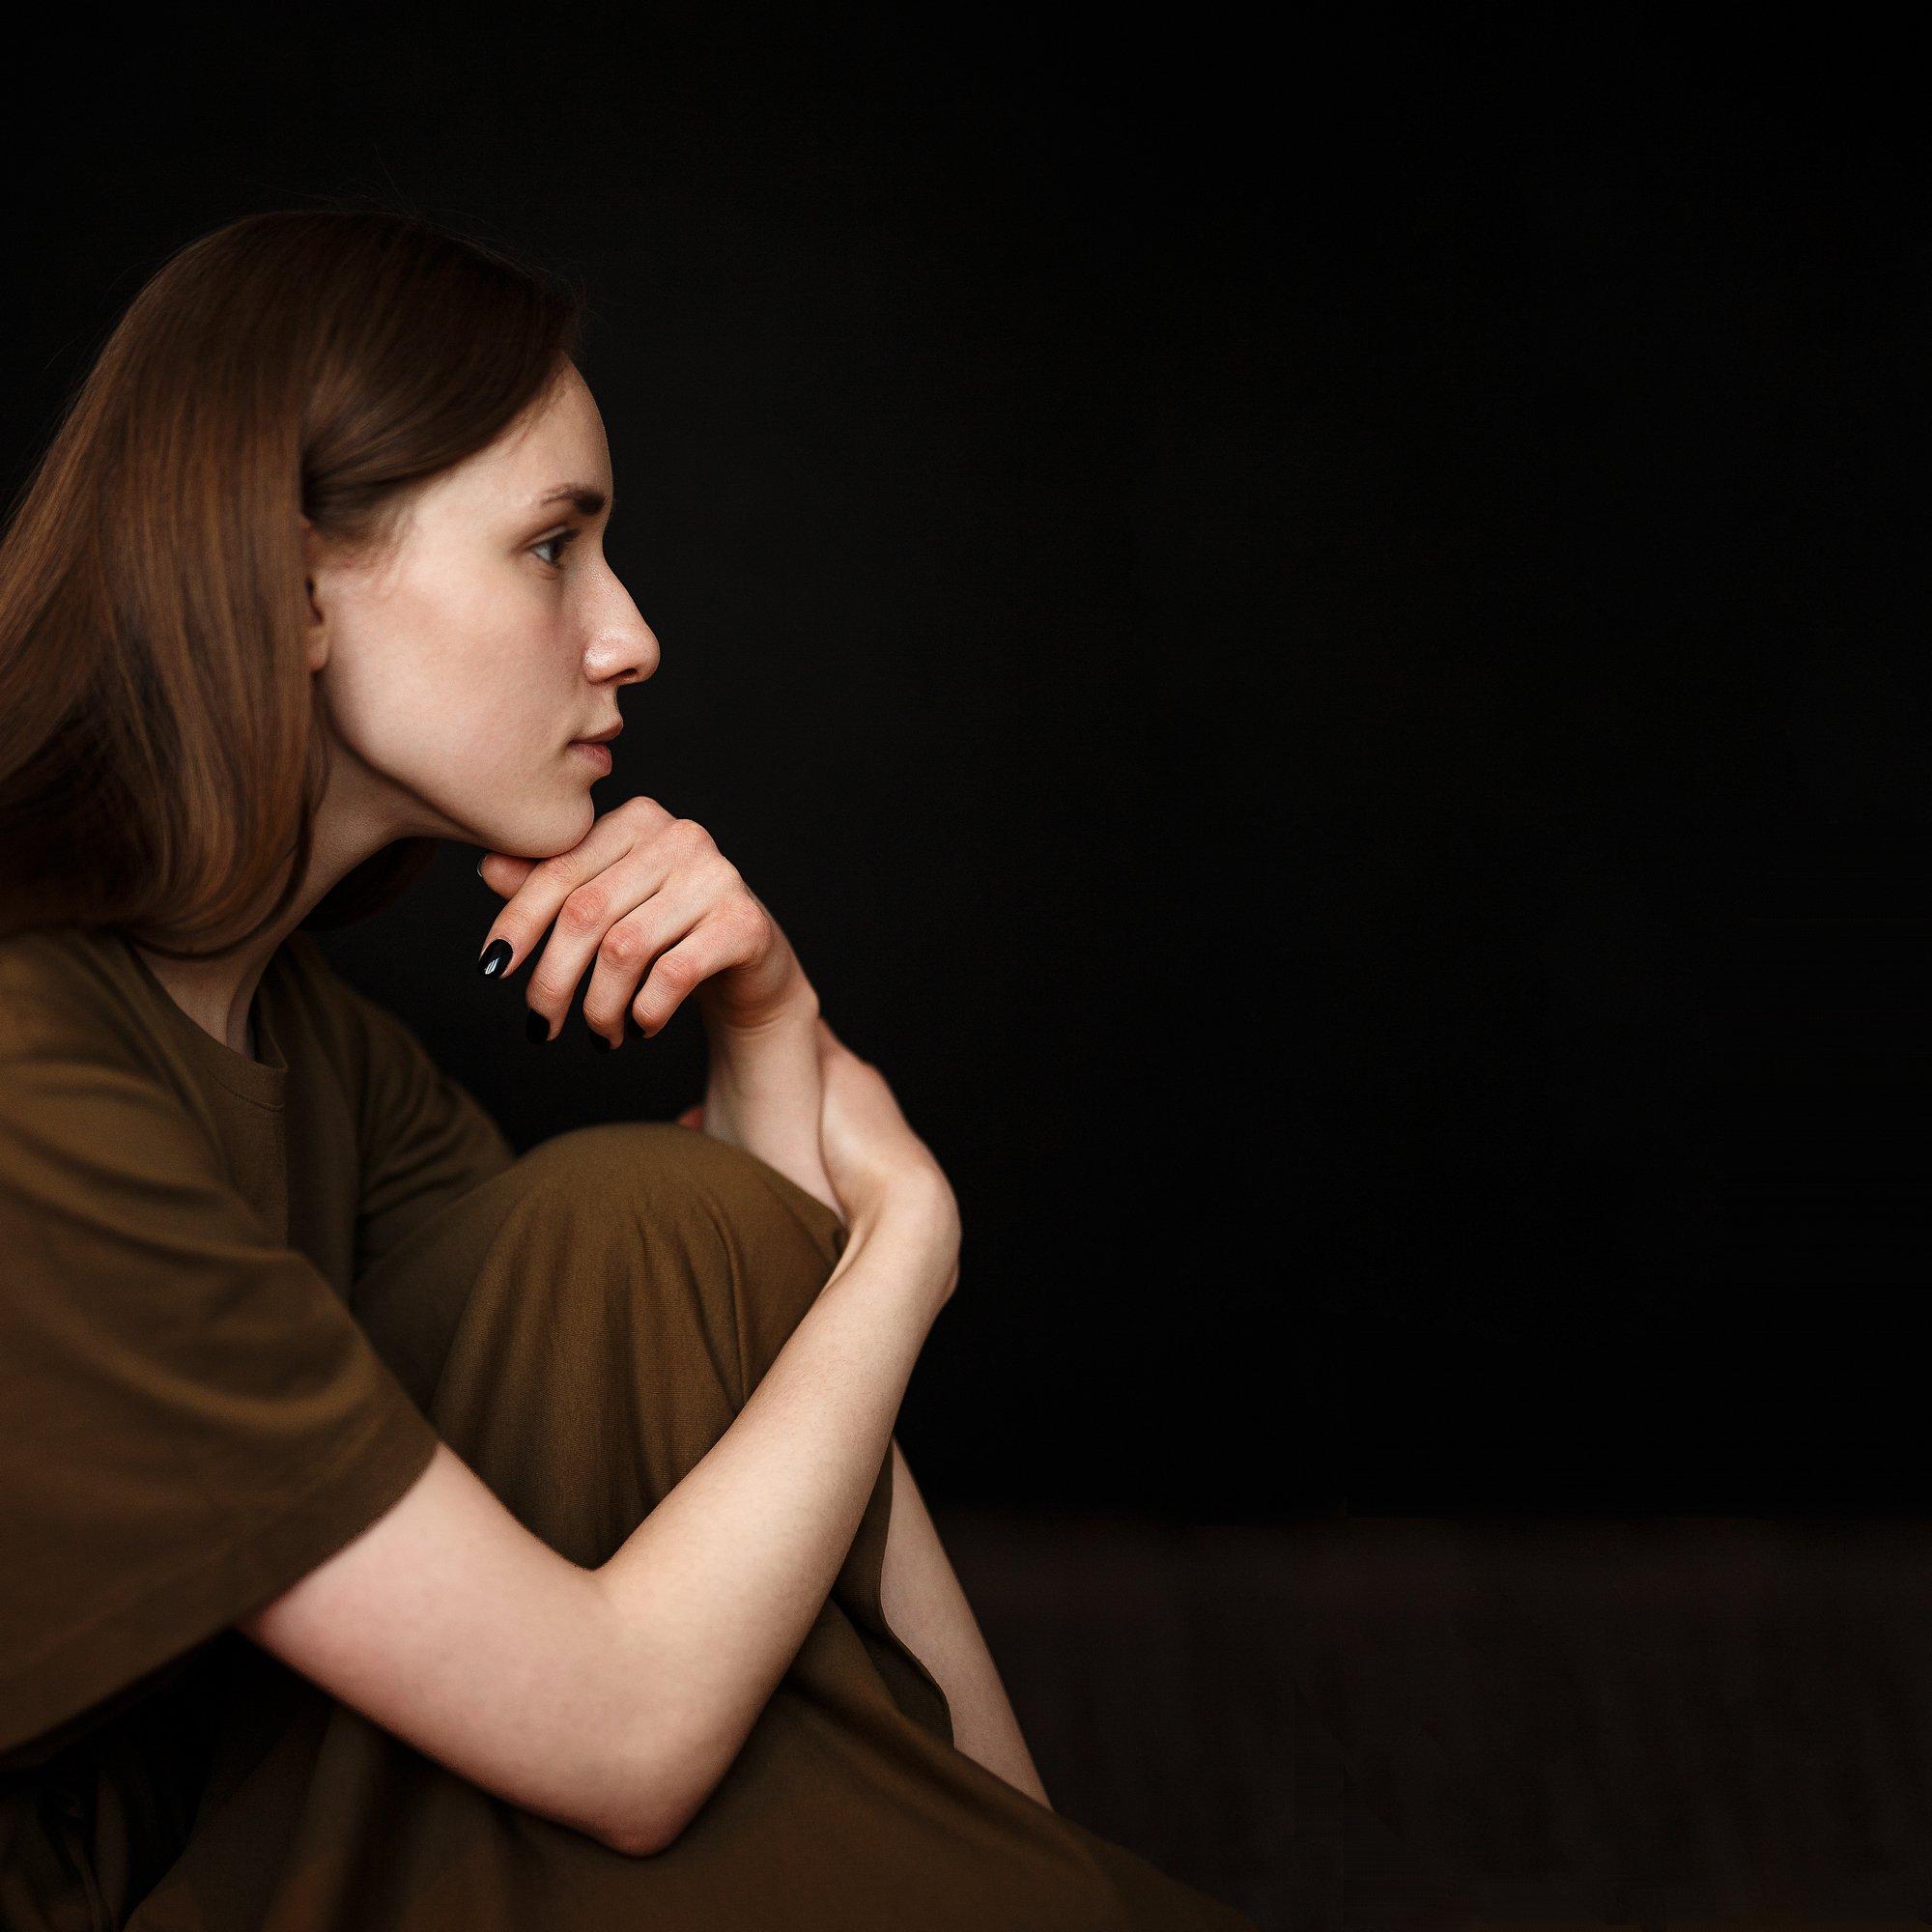 portrait, girl, people, color, eyes, light, девушка, studio, студия, портрет, head, свет, человек, эмоции, цвет, фотосессия, Иван Лосев